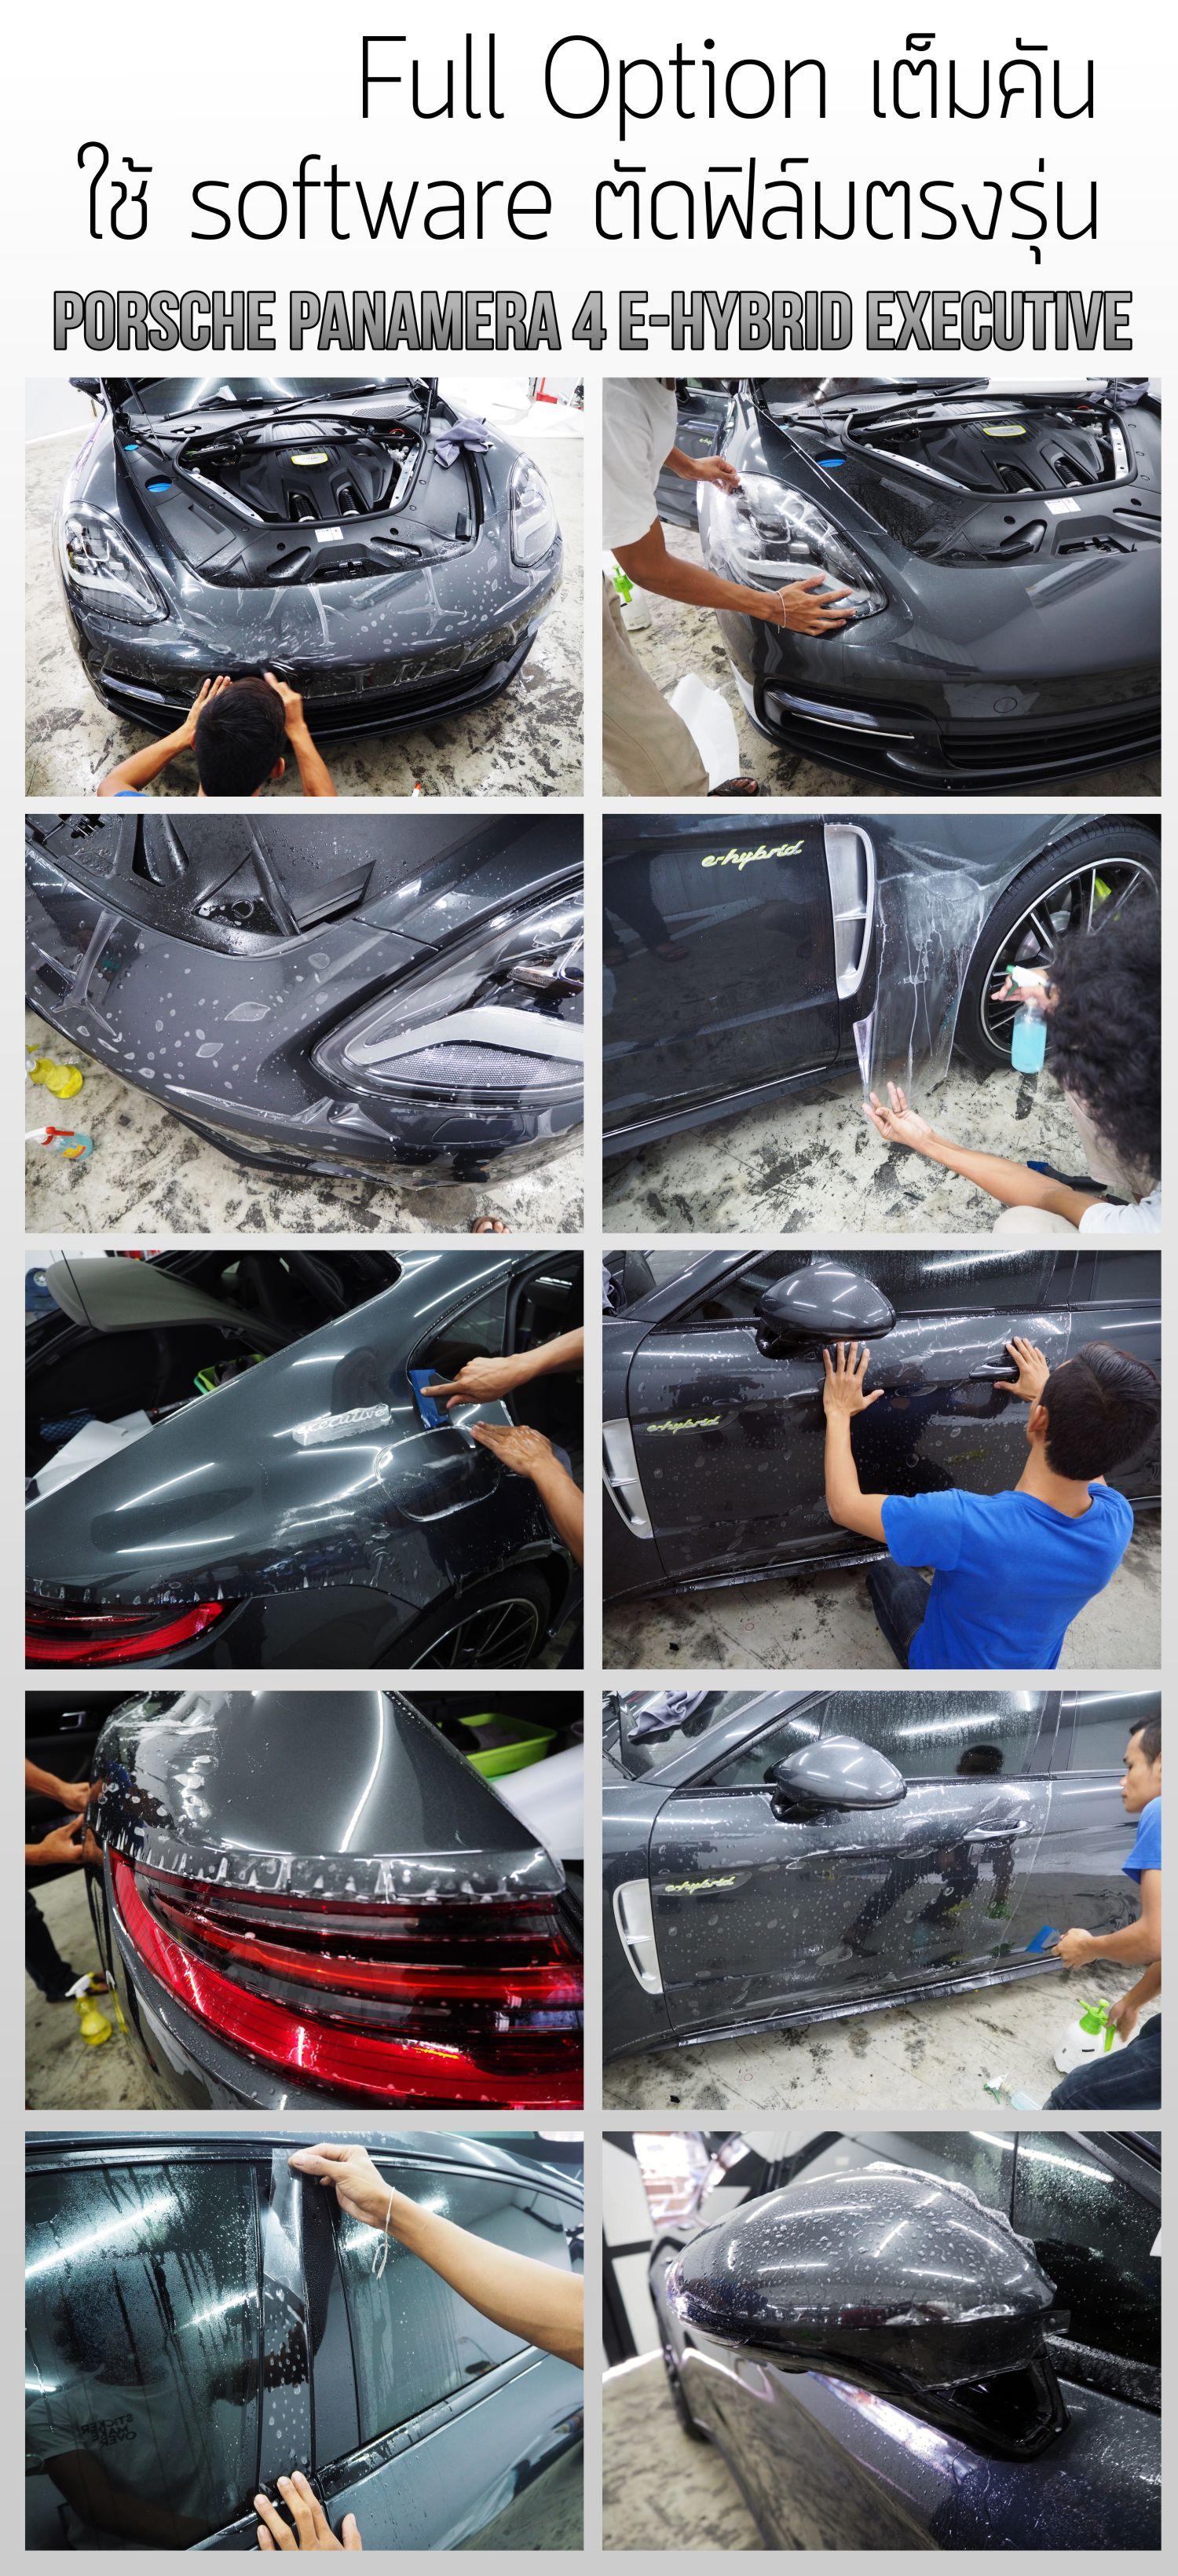 ฟิล์มใสกันรอยรถยนต์ ฟิล์มใสกันสะเก็ดหิน ฟิล์มปกป้องสีรถ paint protection film ppf porsche panamera 4 e-hybrid executive